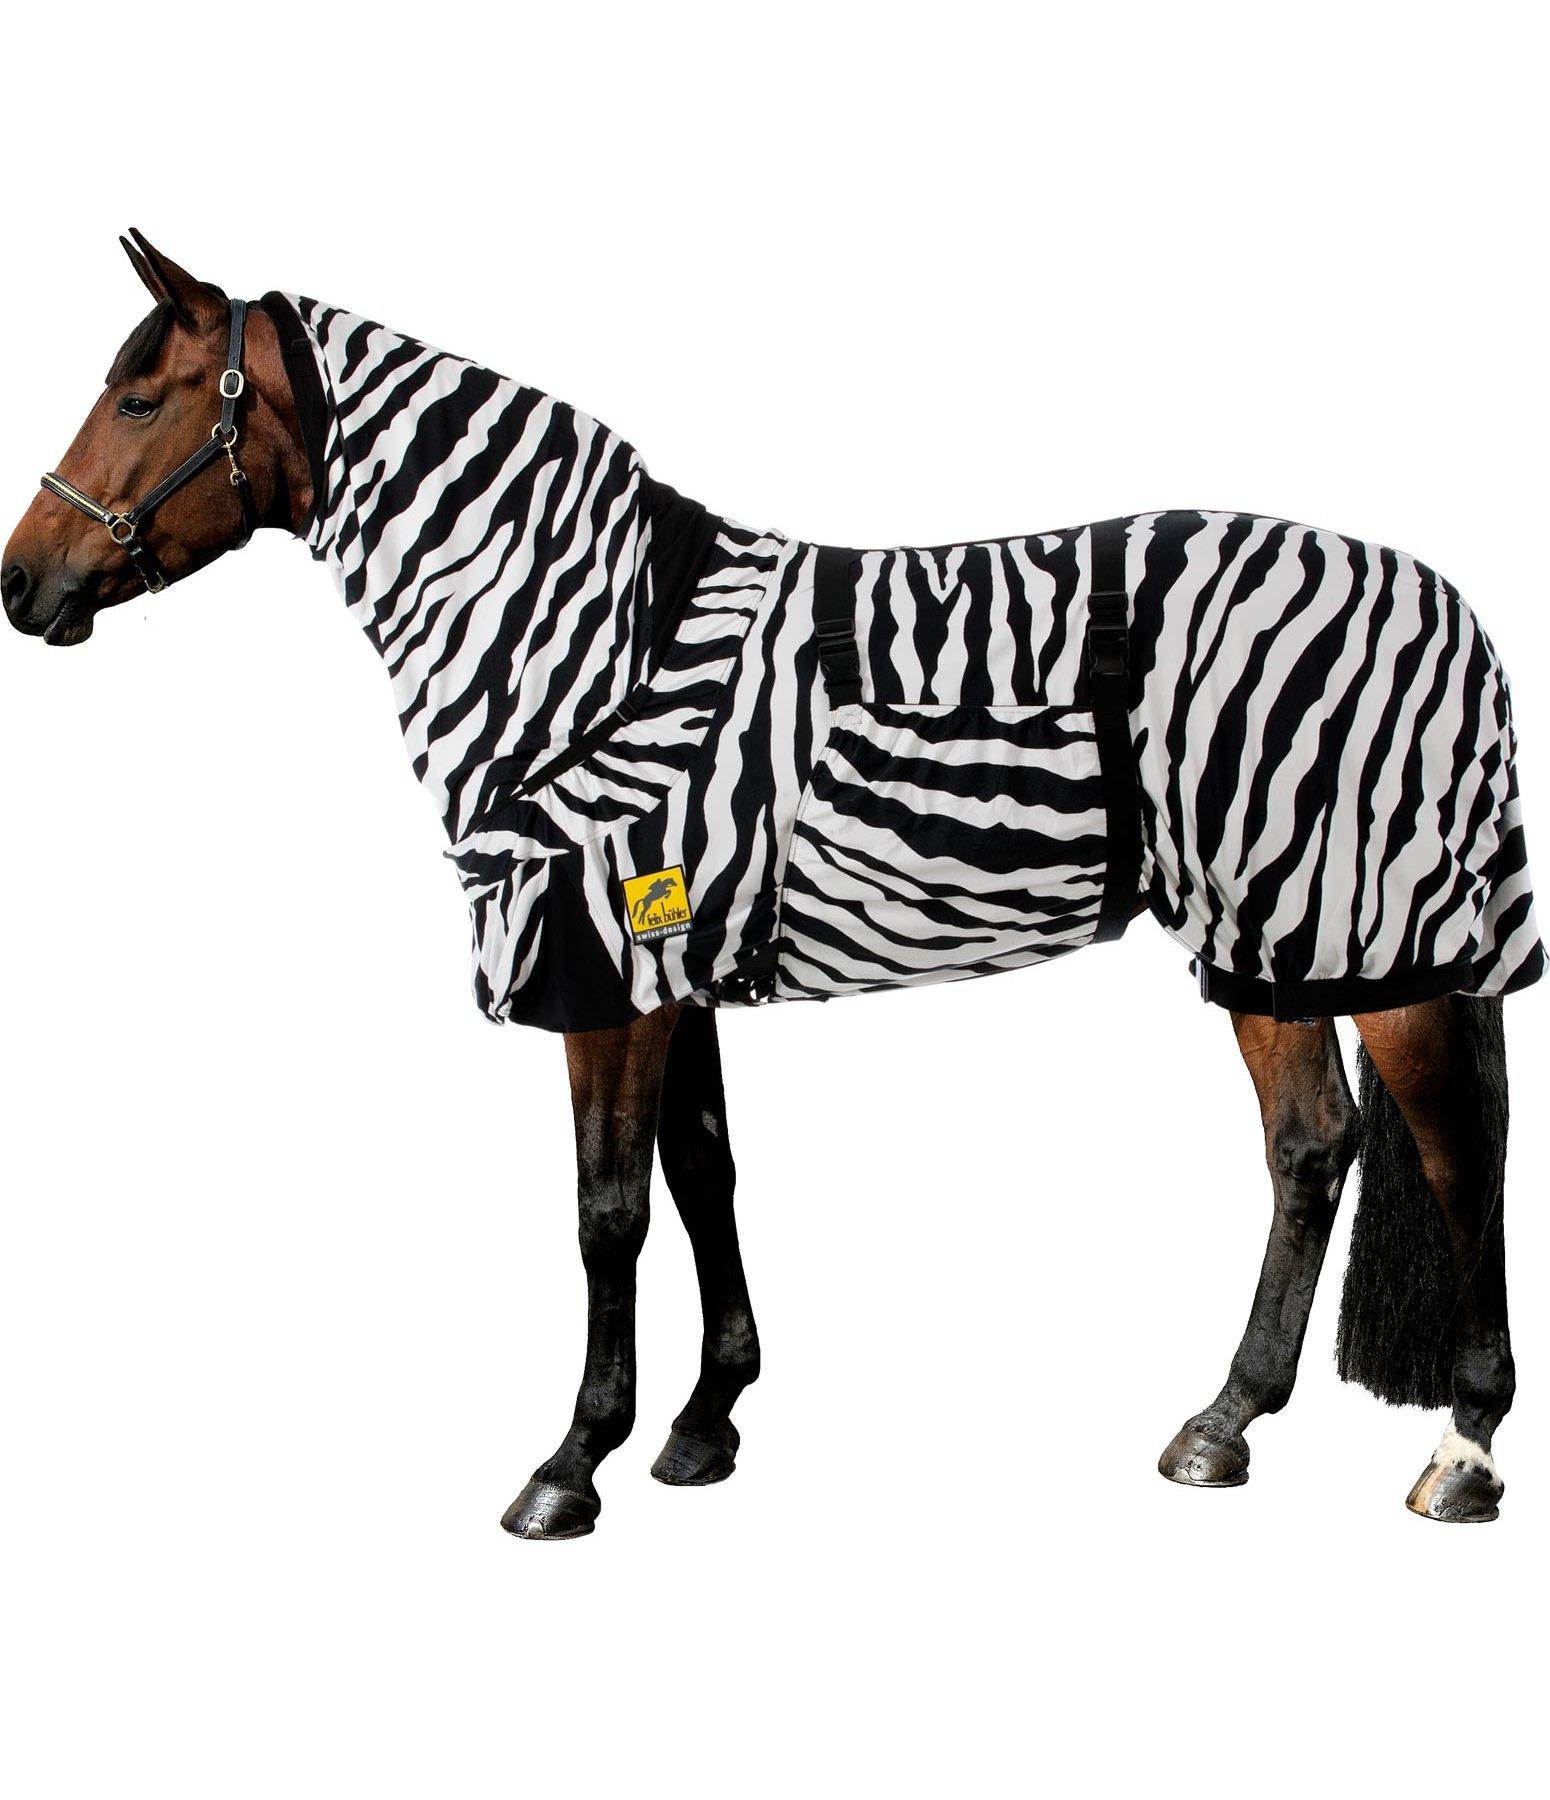 Zebra Fly Rug Uk: Fly & Sweet Itch Rug Zebra